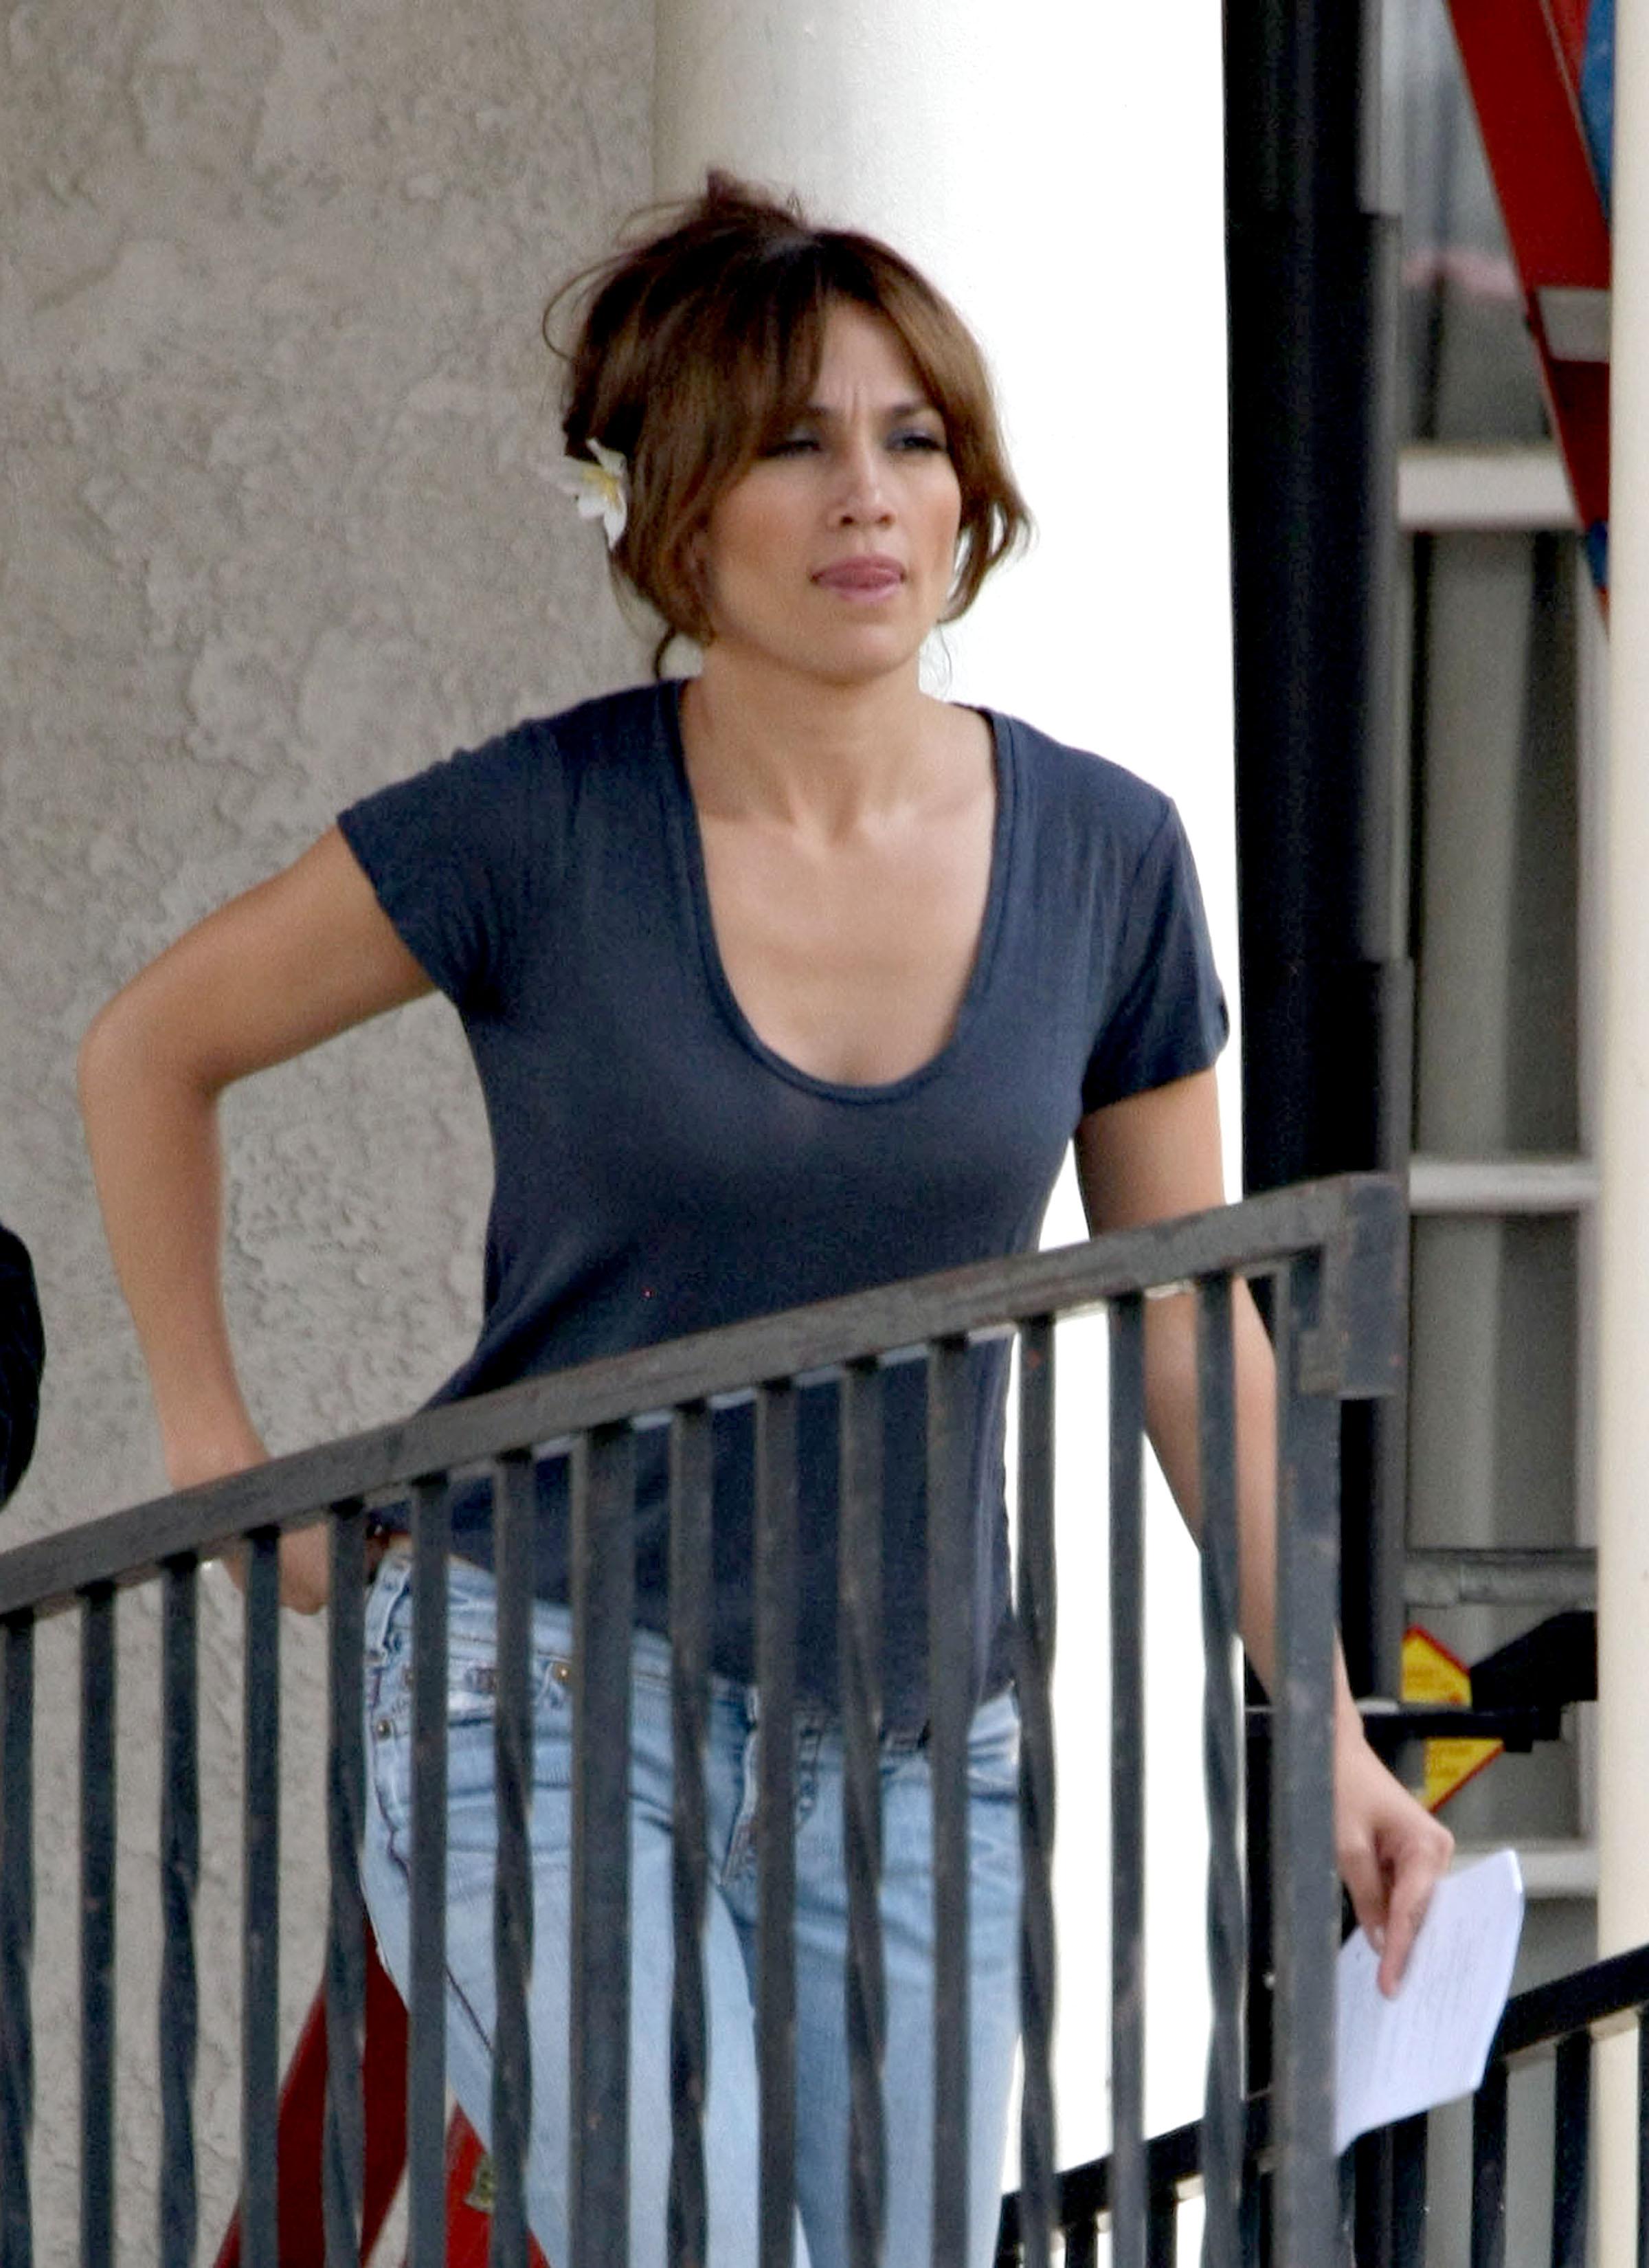 35921_Preppie_-_Jennifer_Lopez_on_The_Backup_Plan_set_in_Los_Angeles_-_June_15_2009_024_122_48lo.jpg